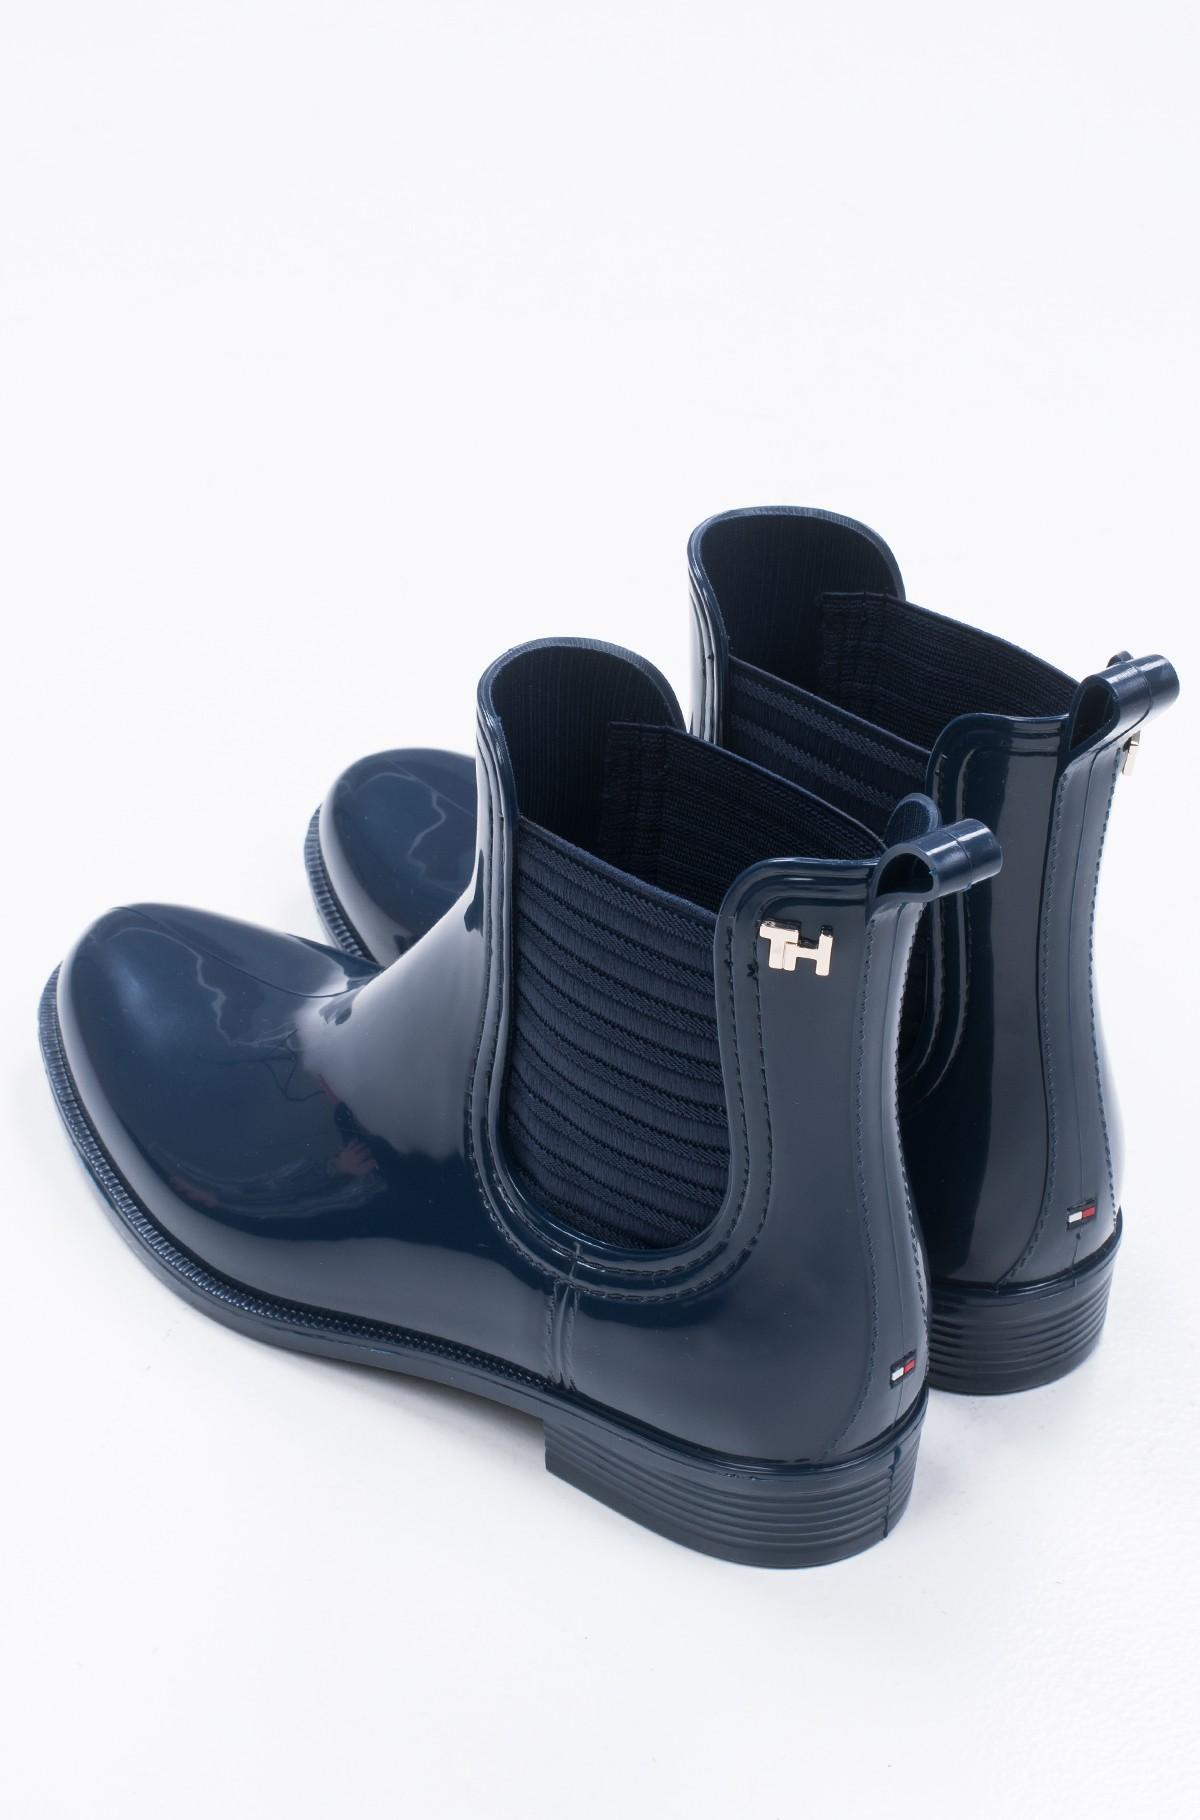 Guminiai batai FEMININE PATENT RAINBOOT-full-4